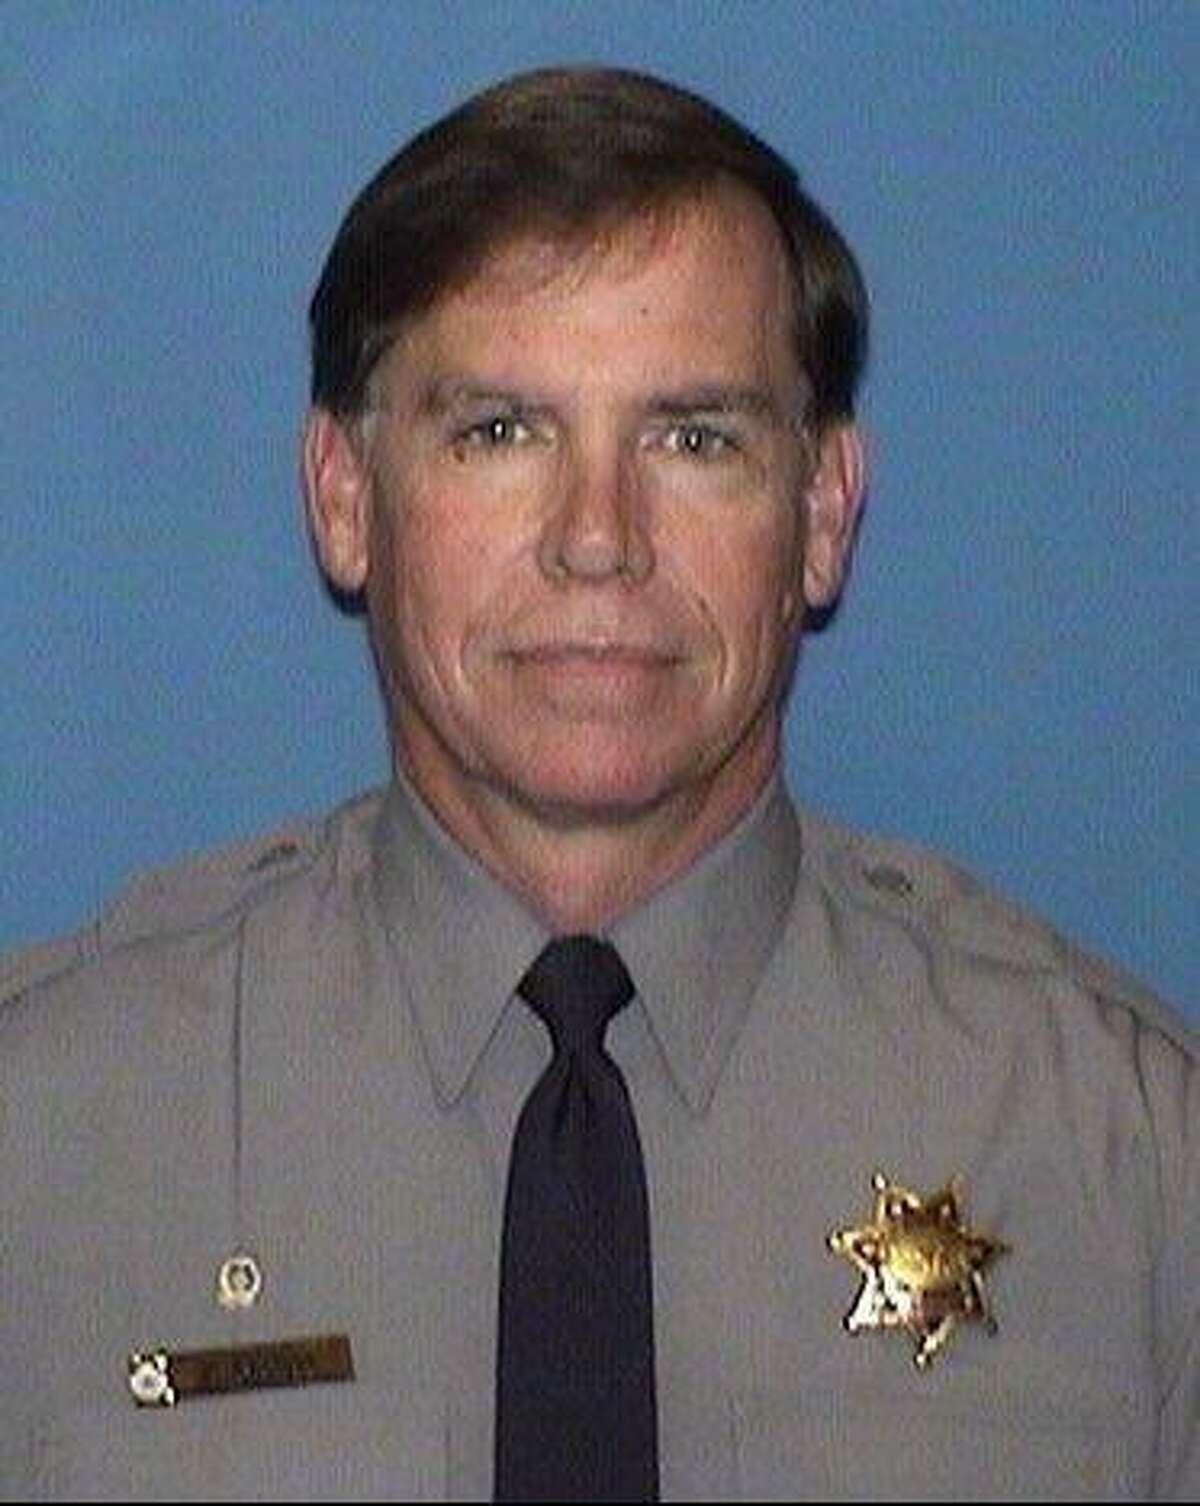 Alameda County Deputy Sheriff Michael Foley